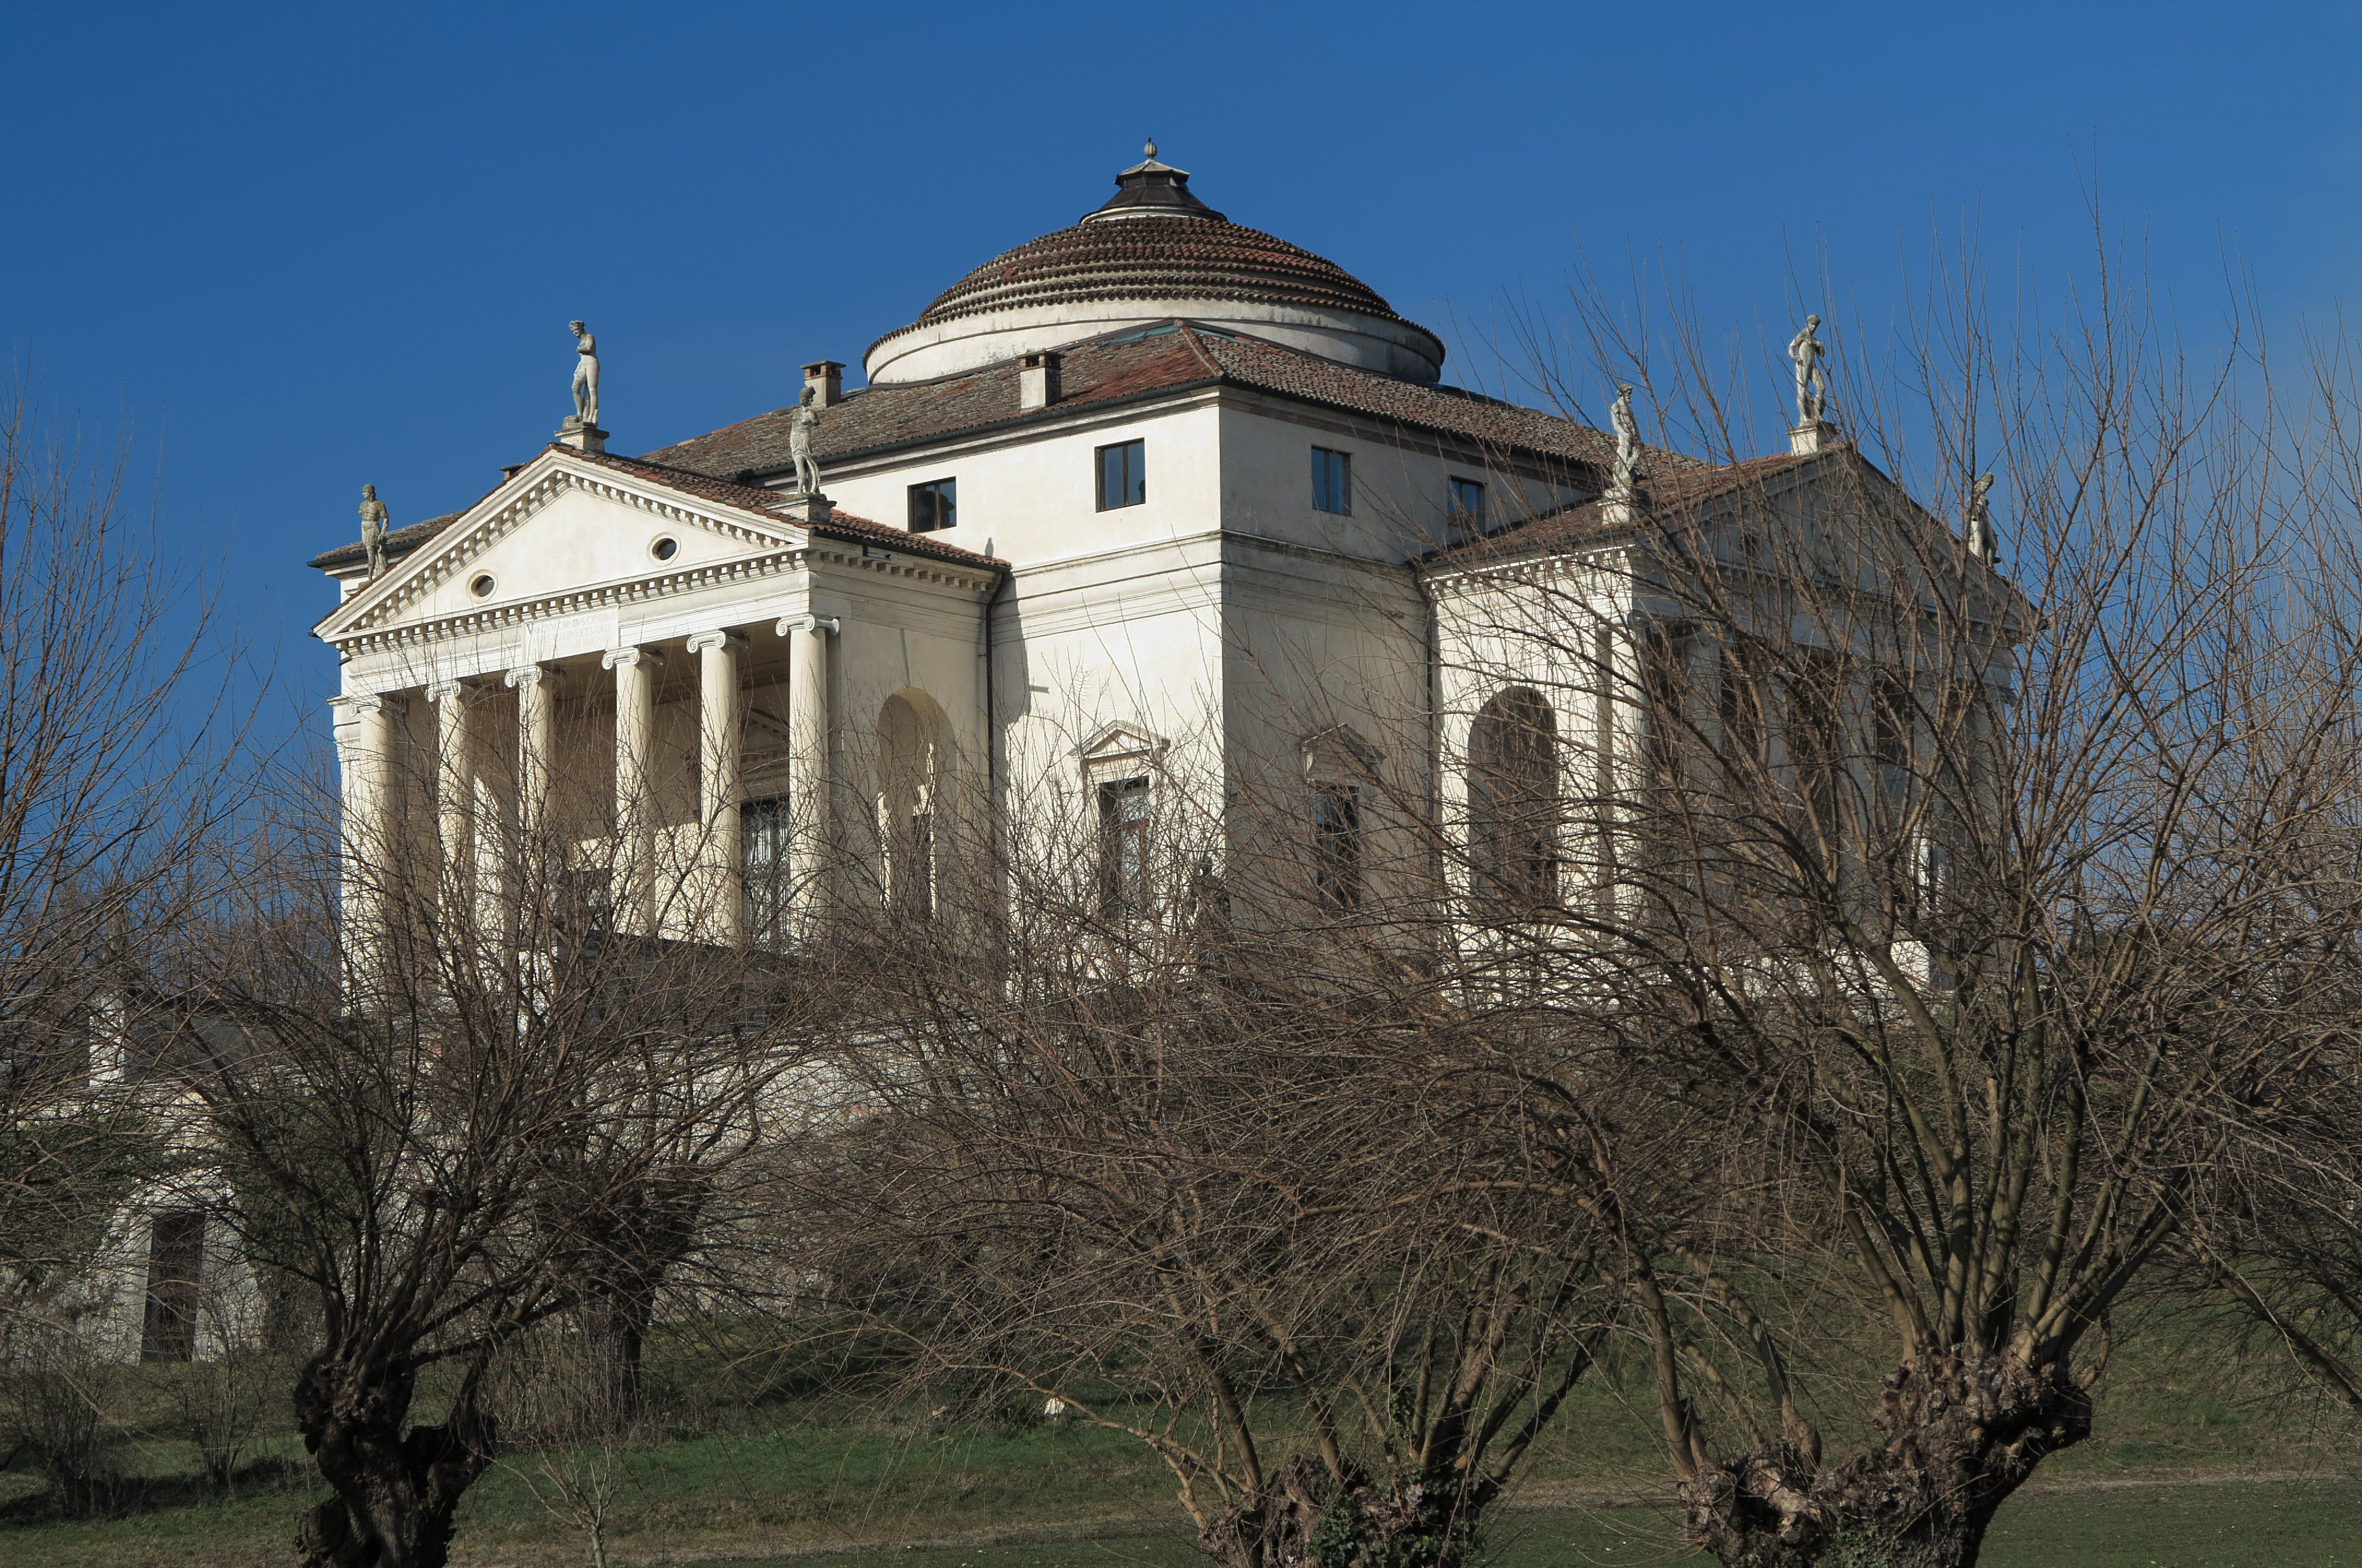 Villa Rotonda (Villa Almerico-Capra), near Venice, Italy, 1566-1590, Andrea Palladio